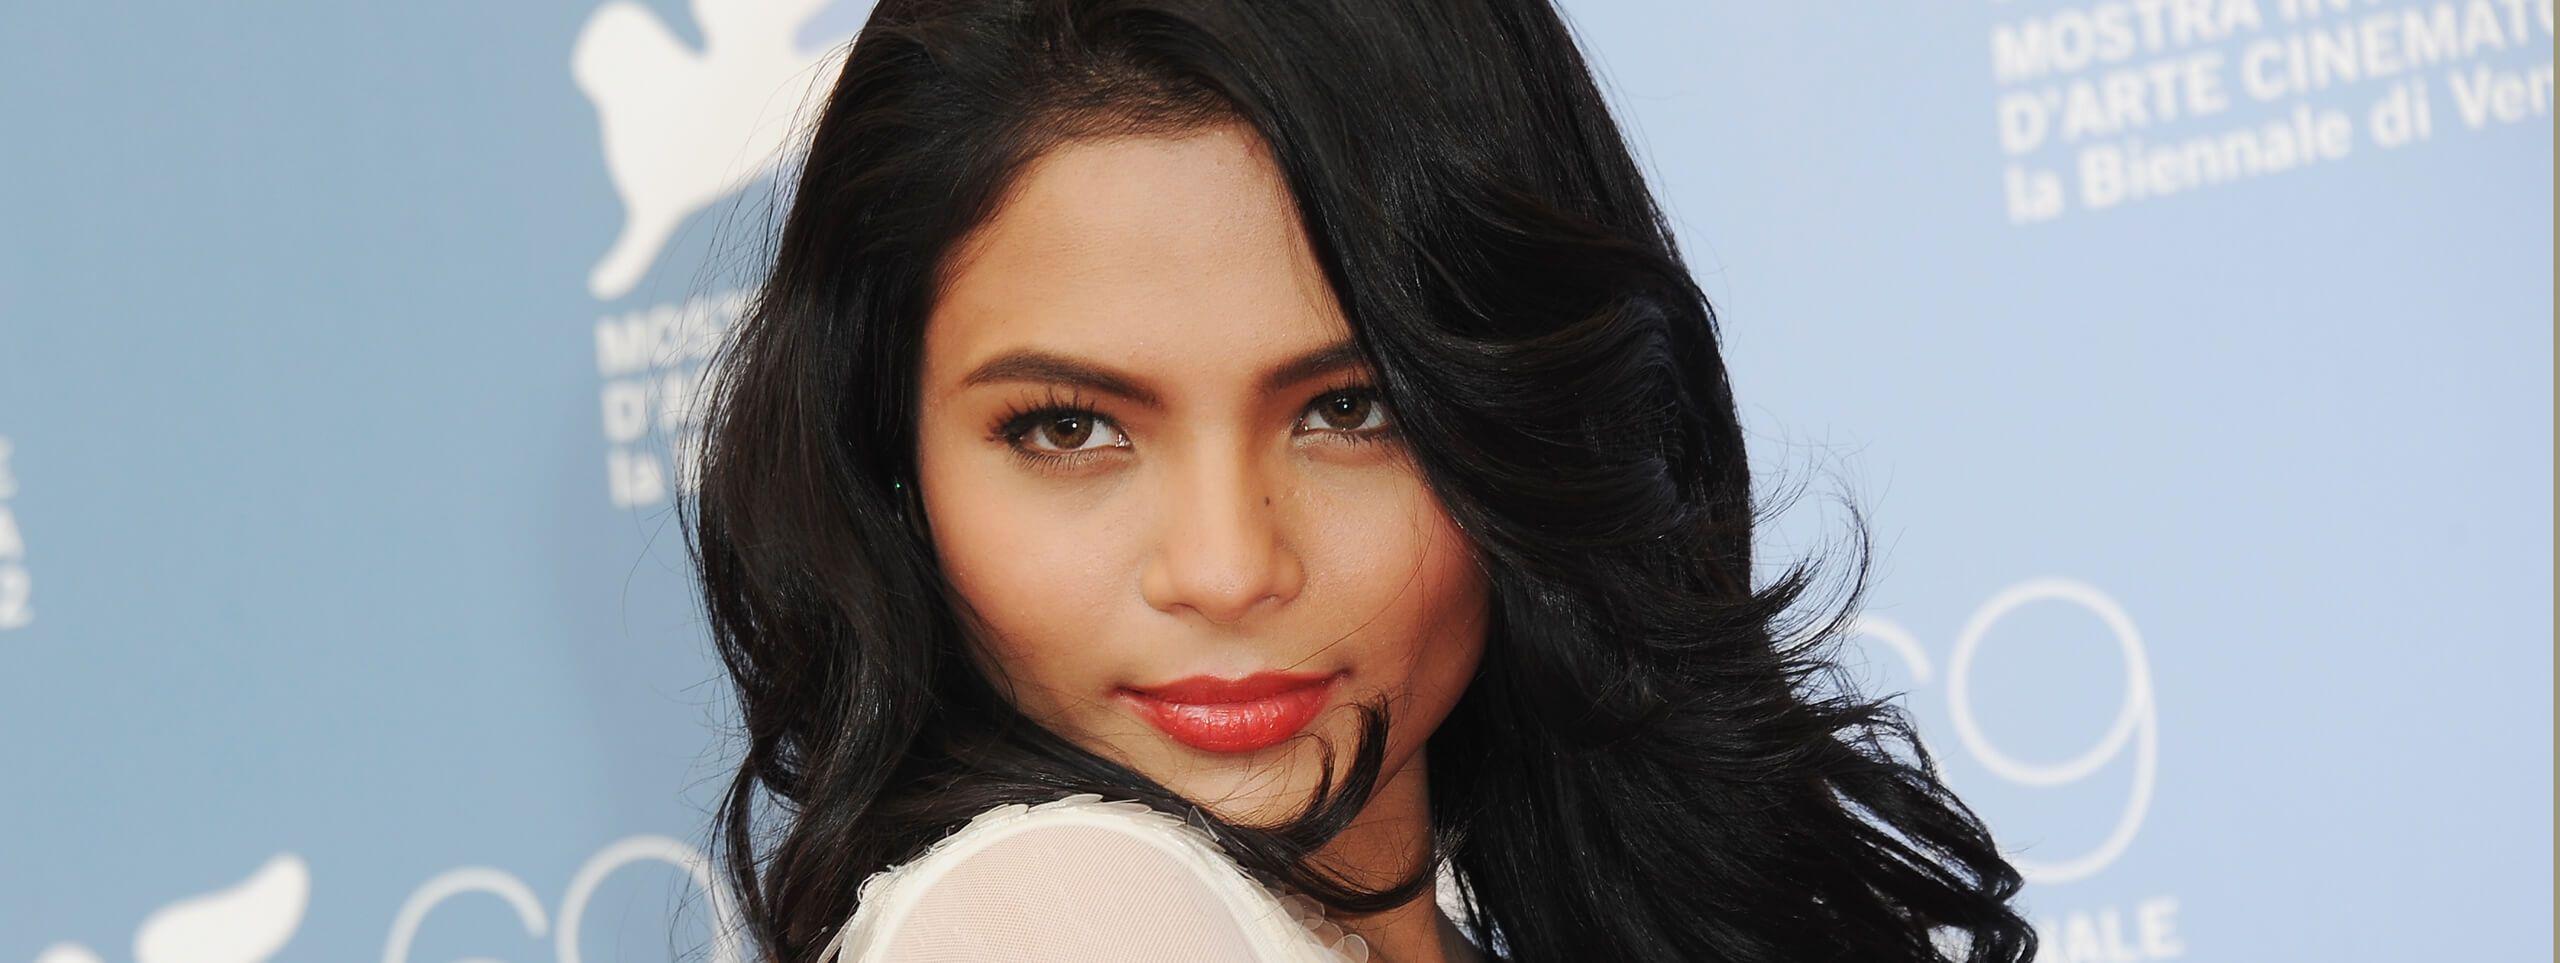 Make-up-Schwarzes-Haar